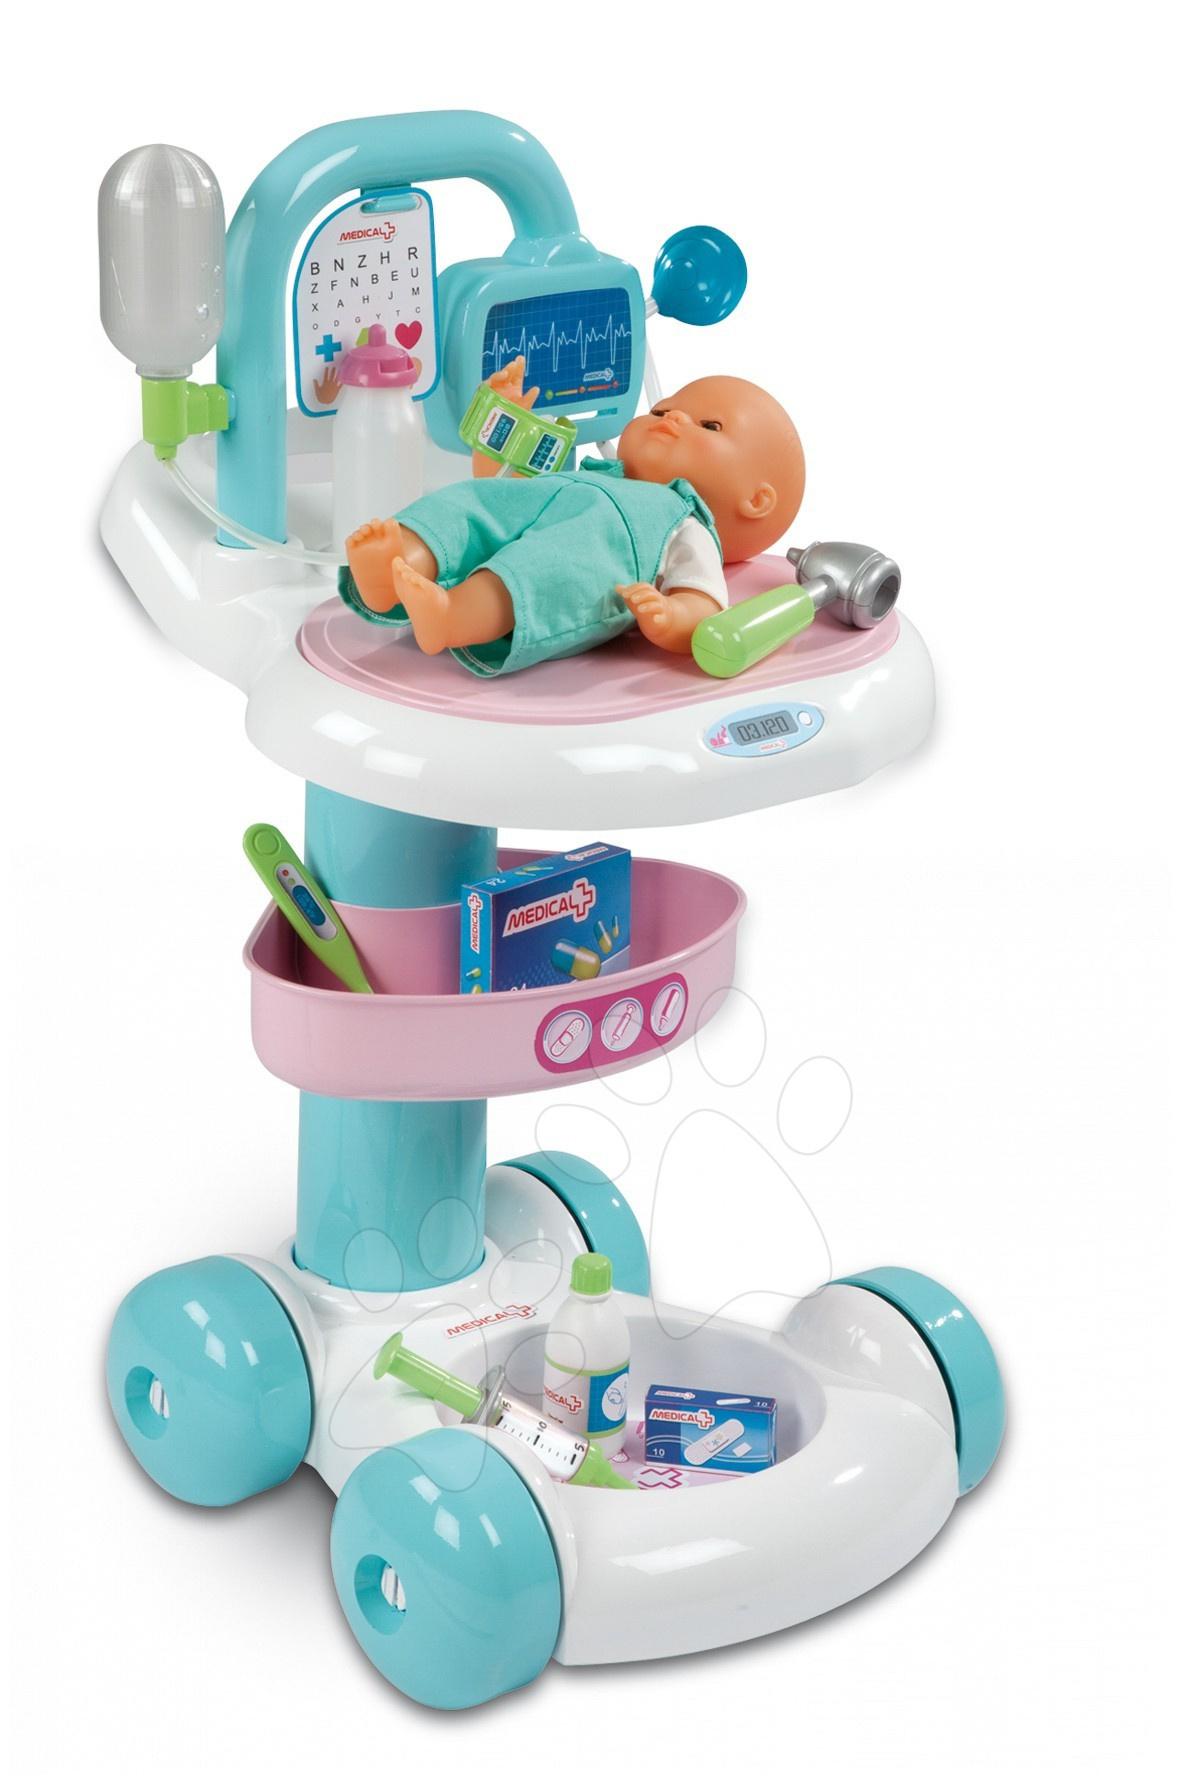 Smoby 24603 Smoby doktor lekársky vozík + bábika a 9 dodatkov 36*40*60 cm